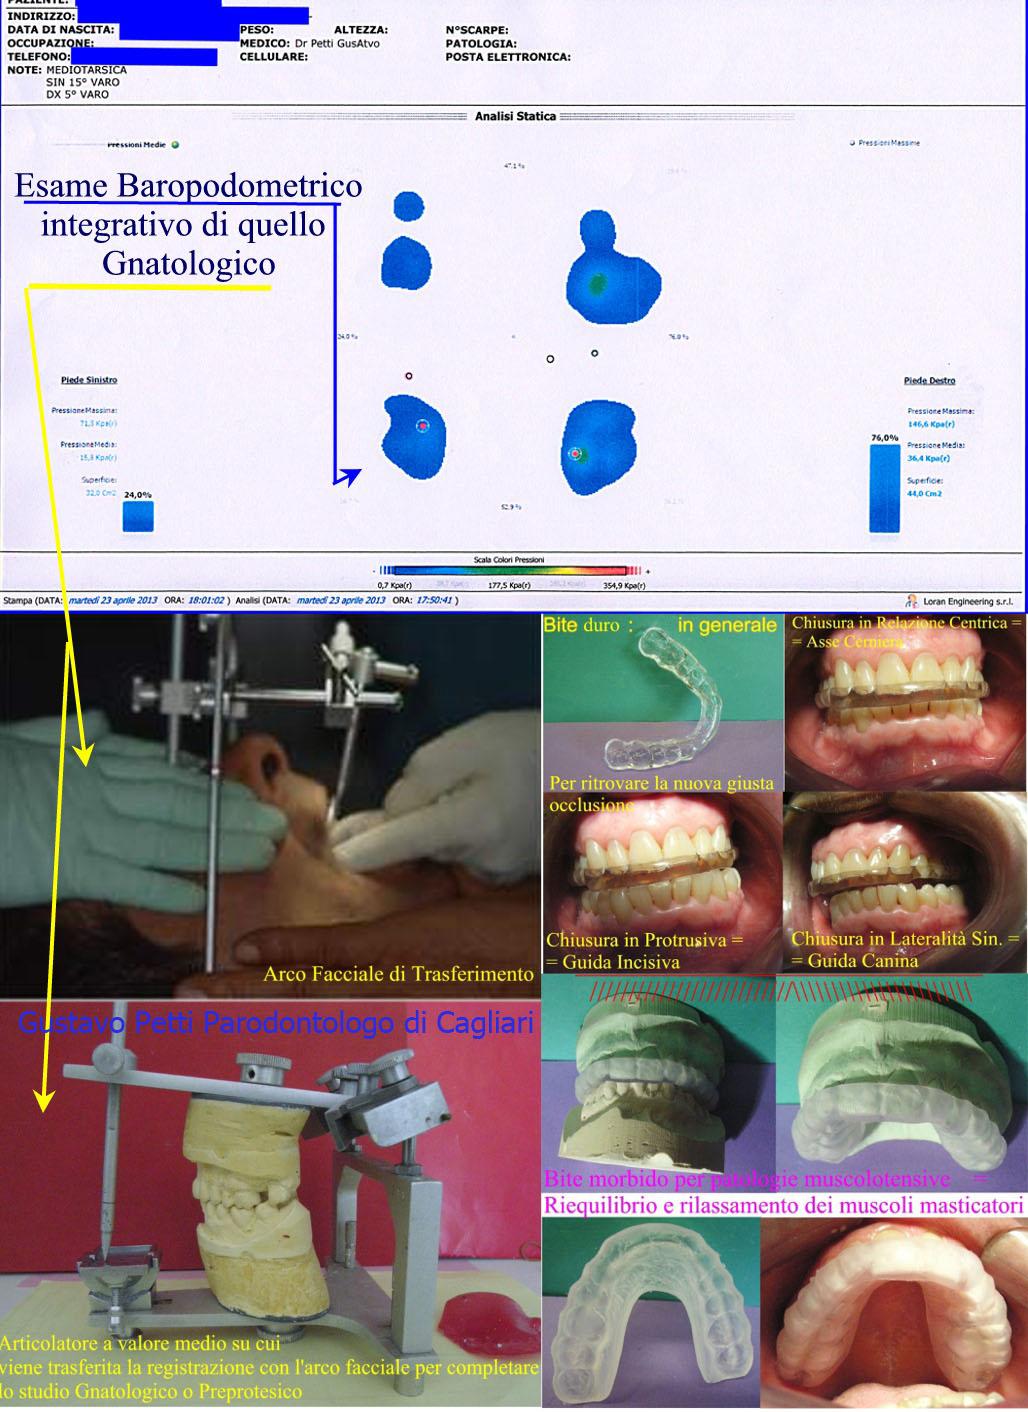 analisi-gnatologica-dr-g.petti-cagliari-2510.jpg